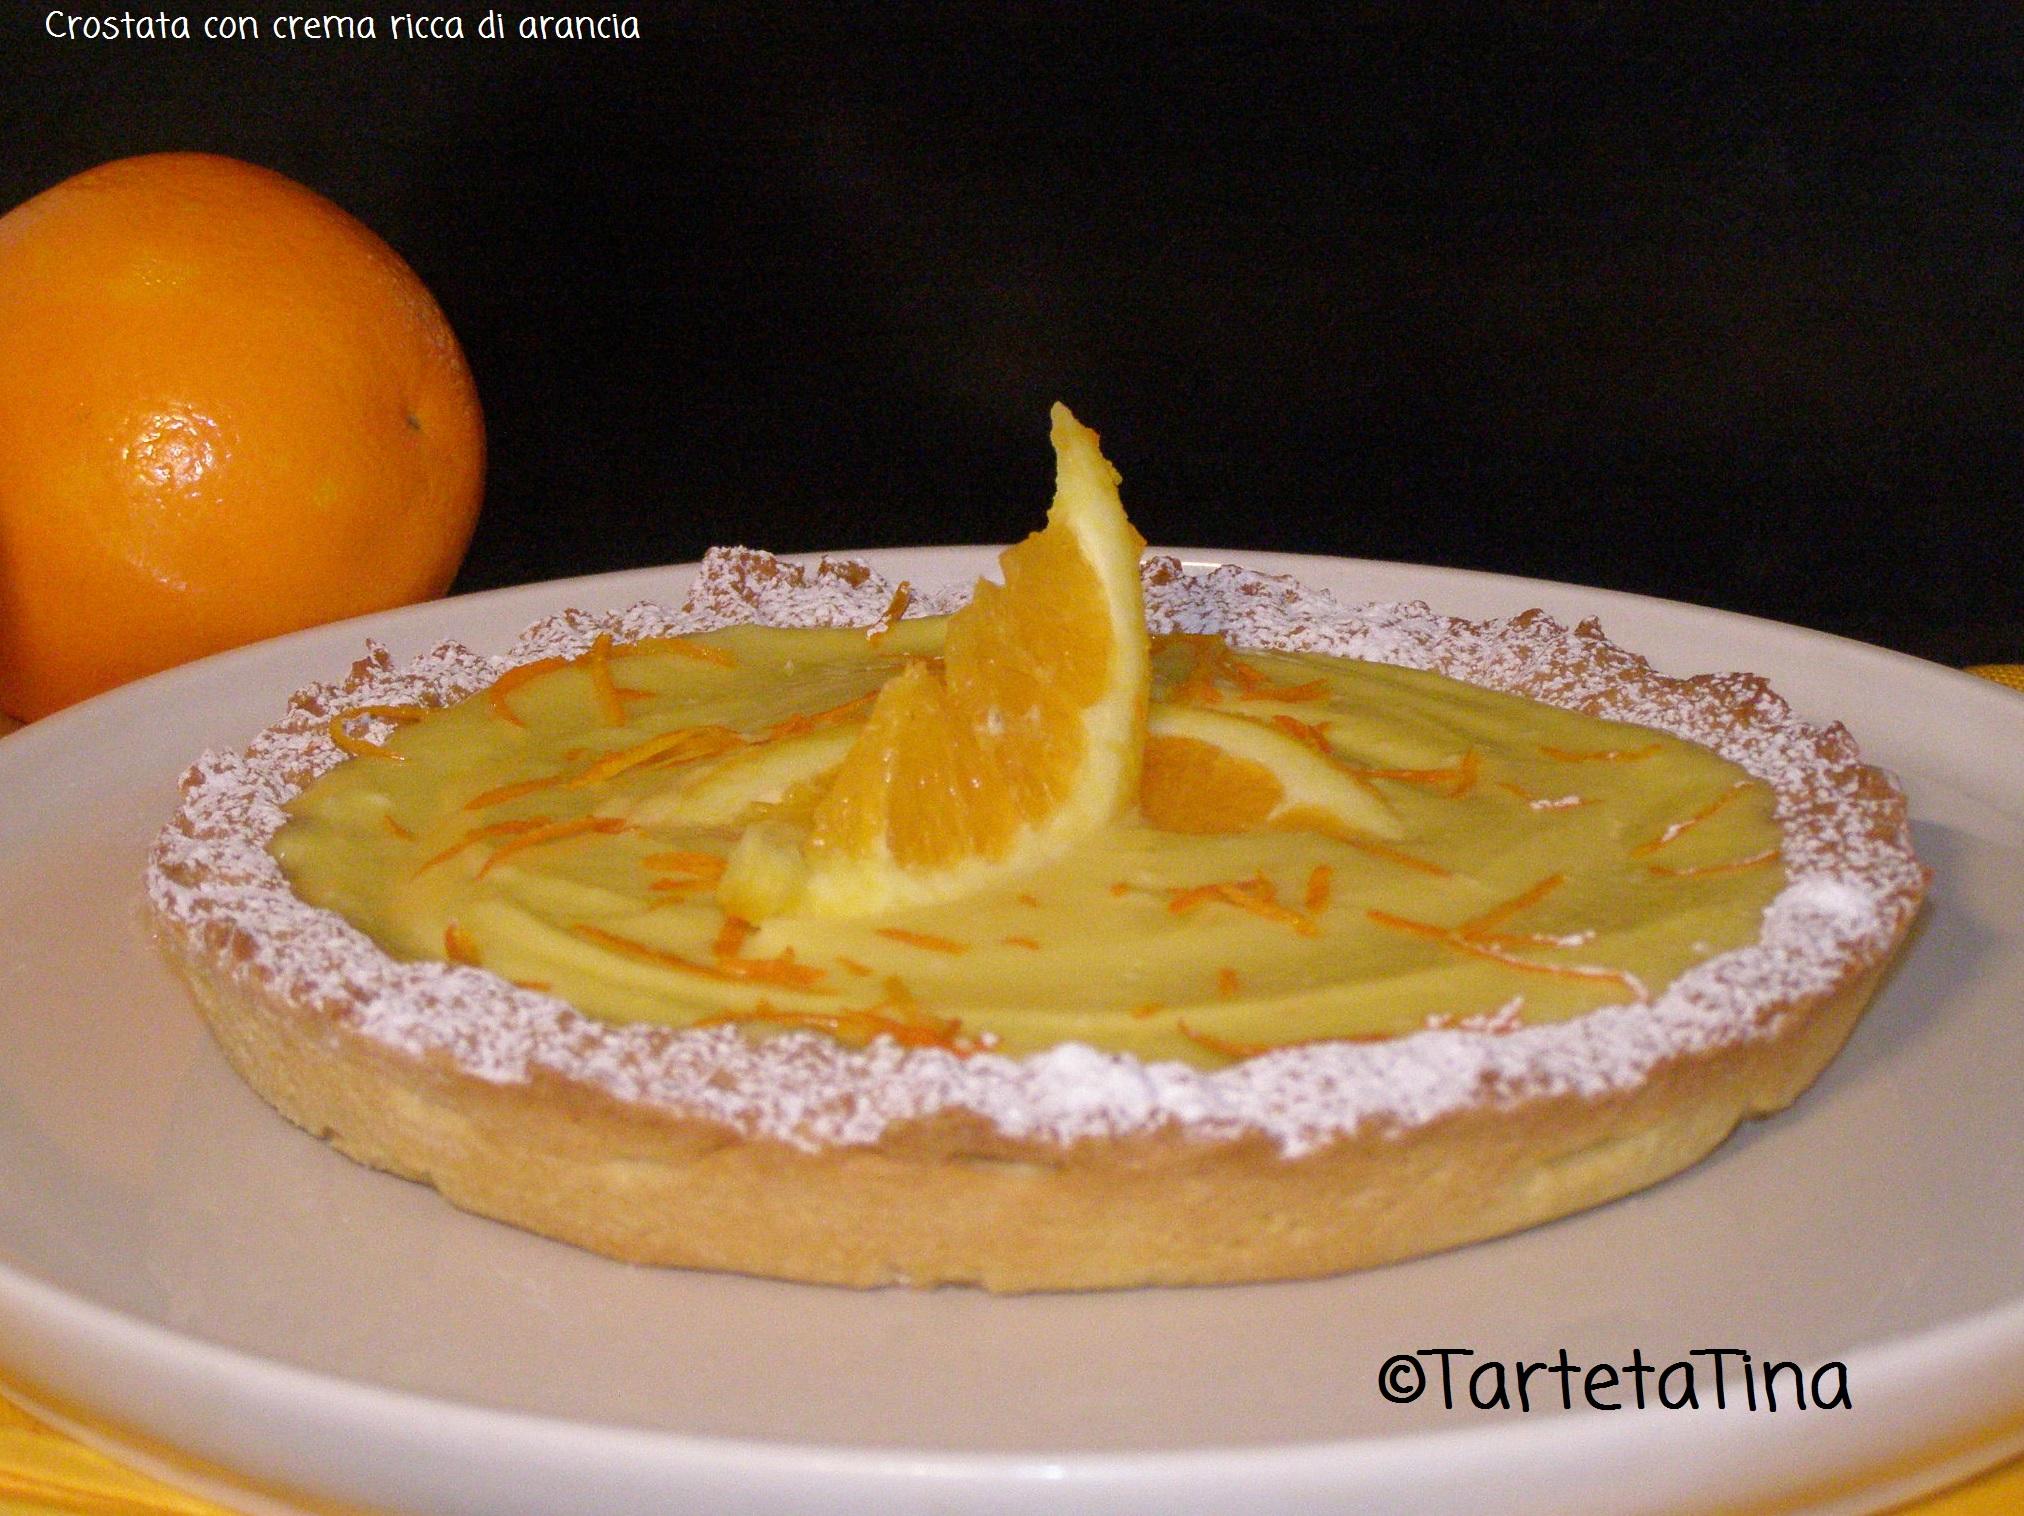 Crostata con crema ricca di arancia